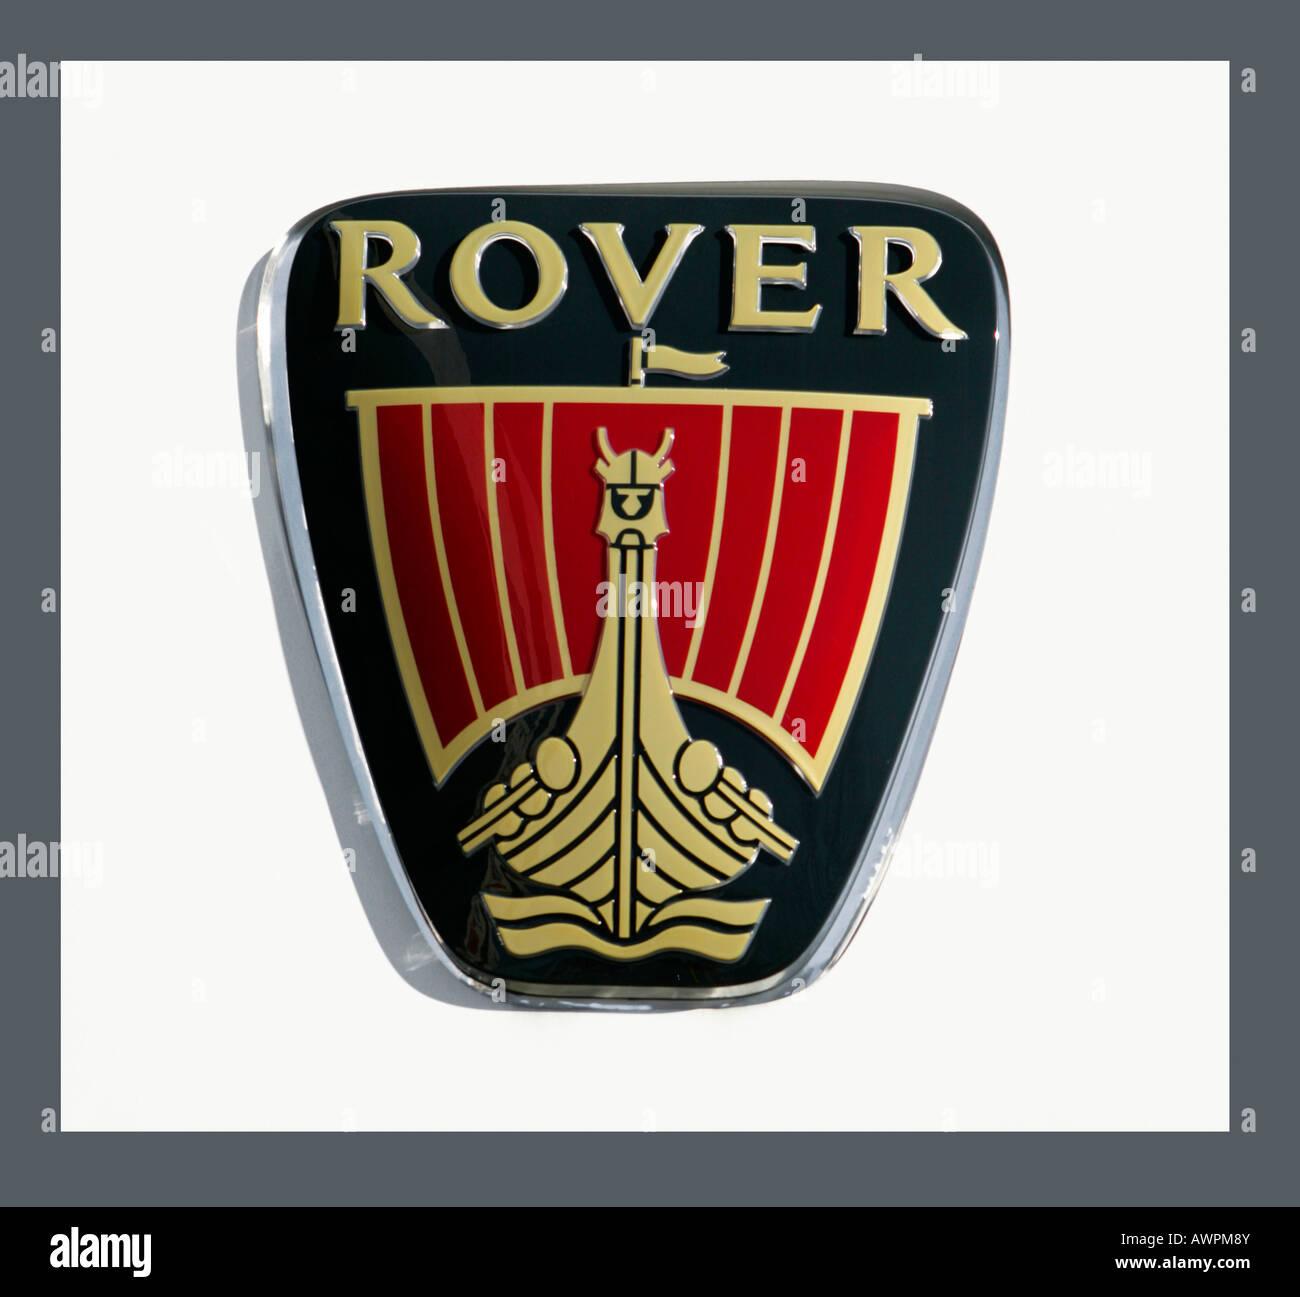 Rover logo - Stock Image